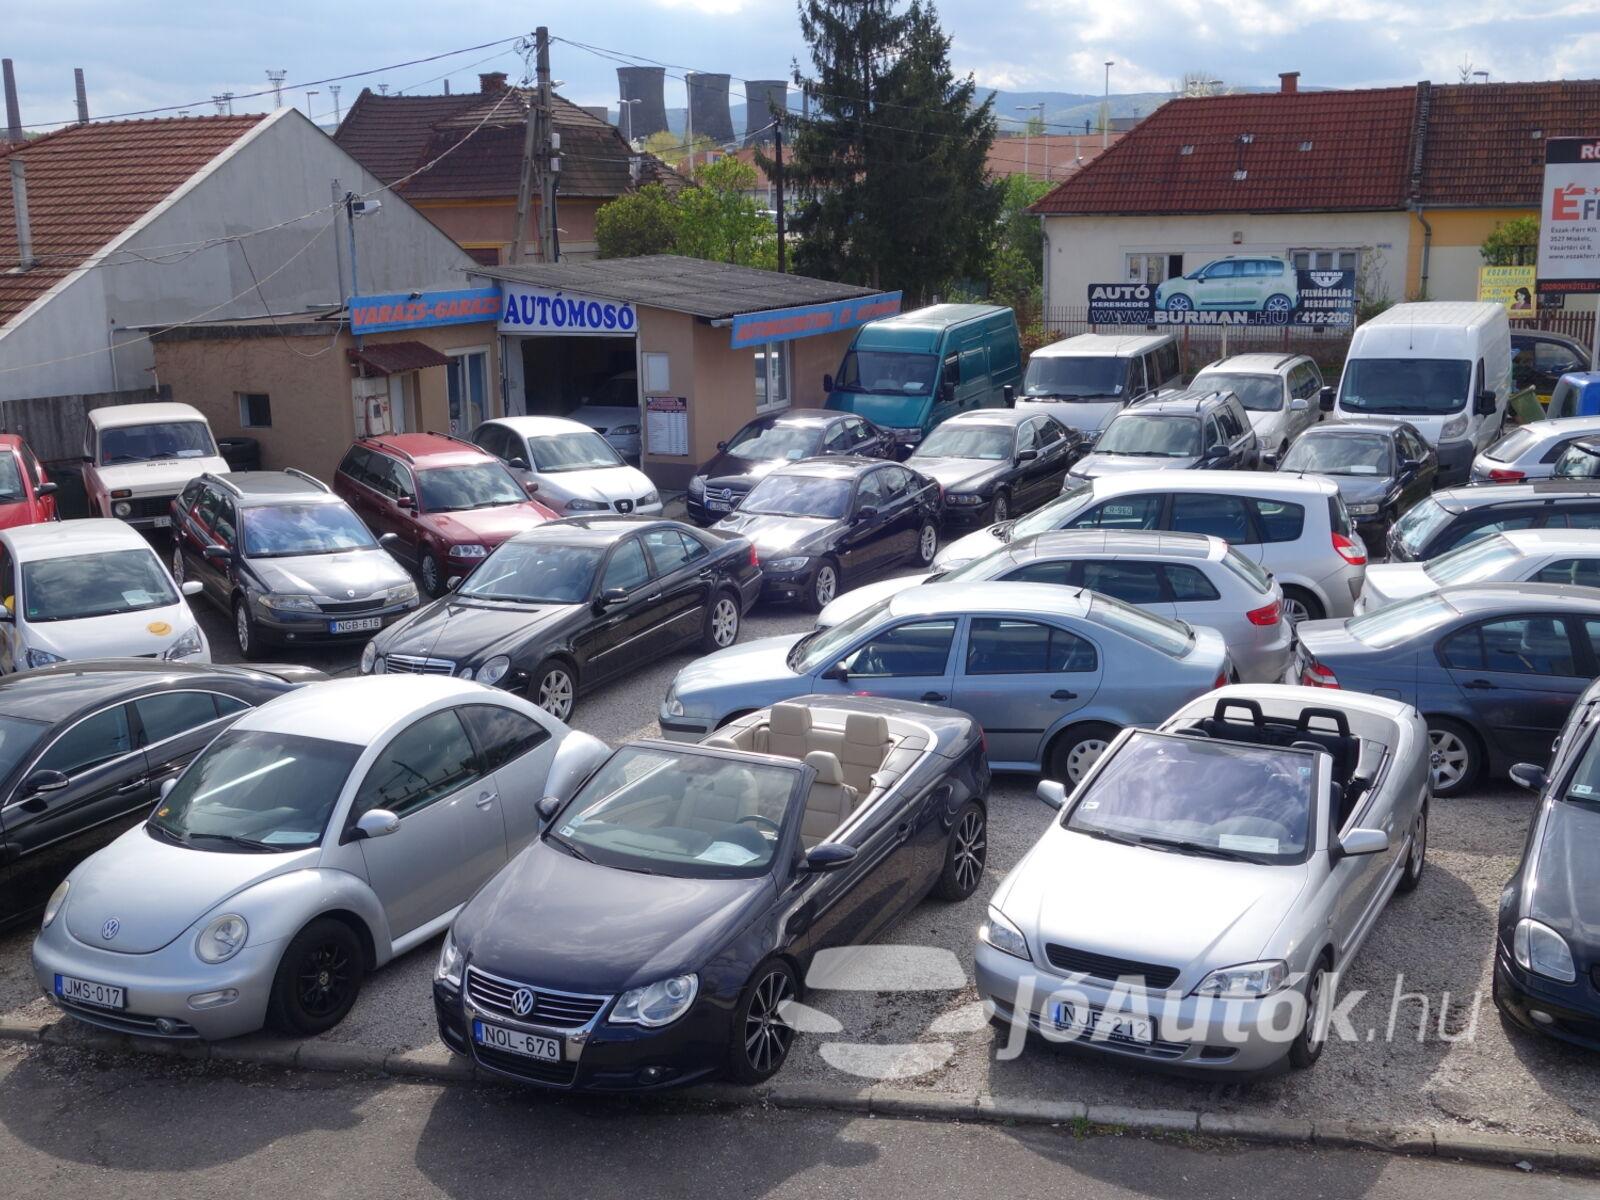 Tárcsázza a kereskedési autókereskedések véleményét